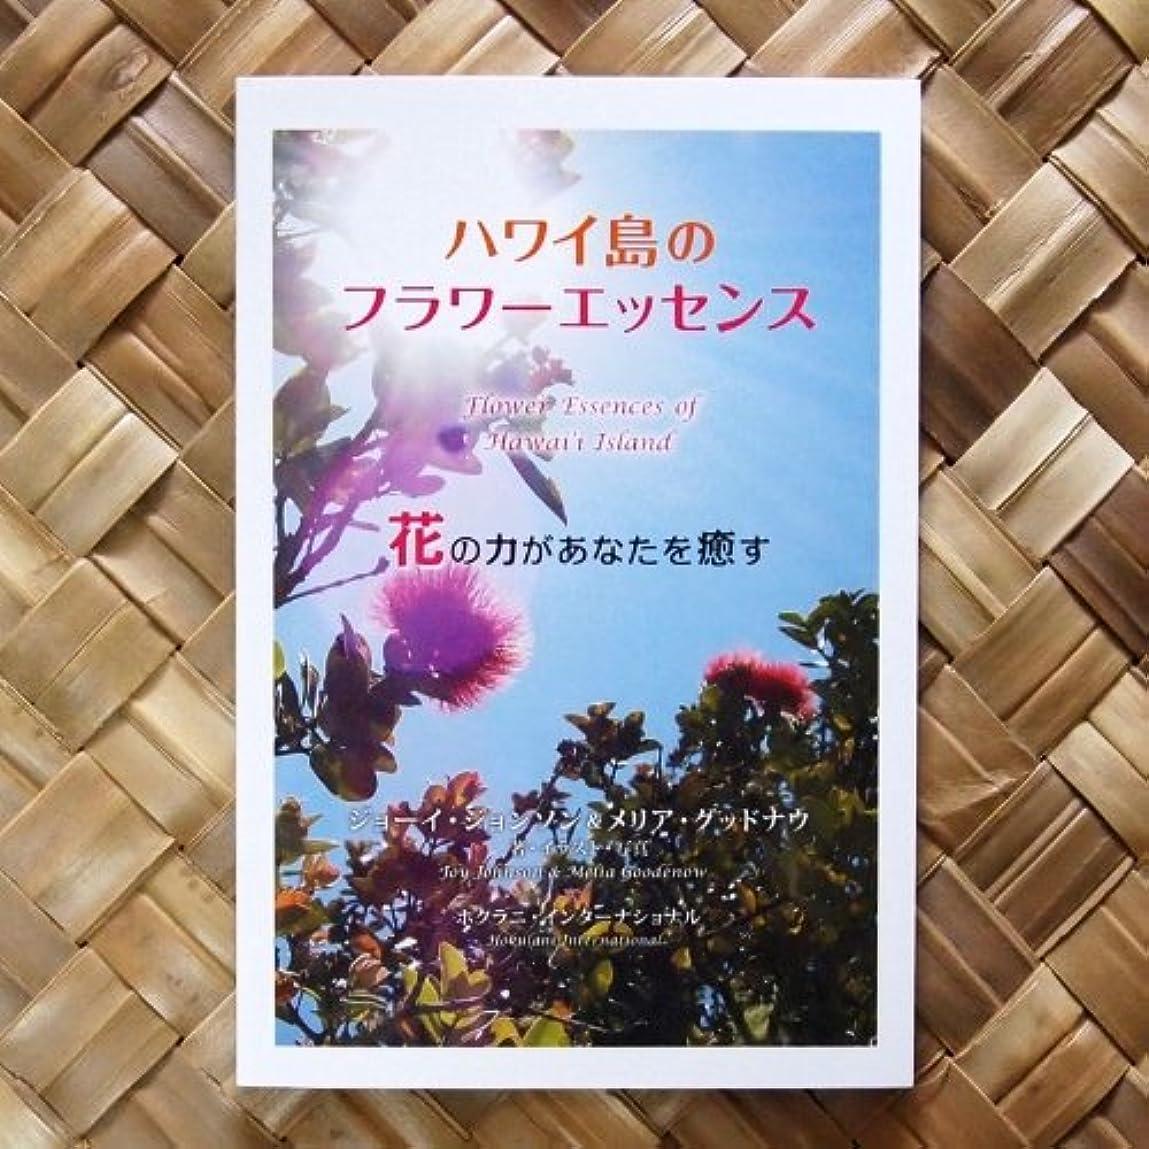 柔らかい足正規化戸棚ハワイ島のフラワーエッセンス 花の力があなたを癒す